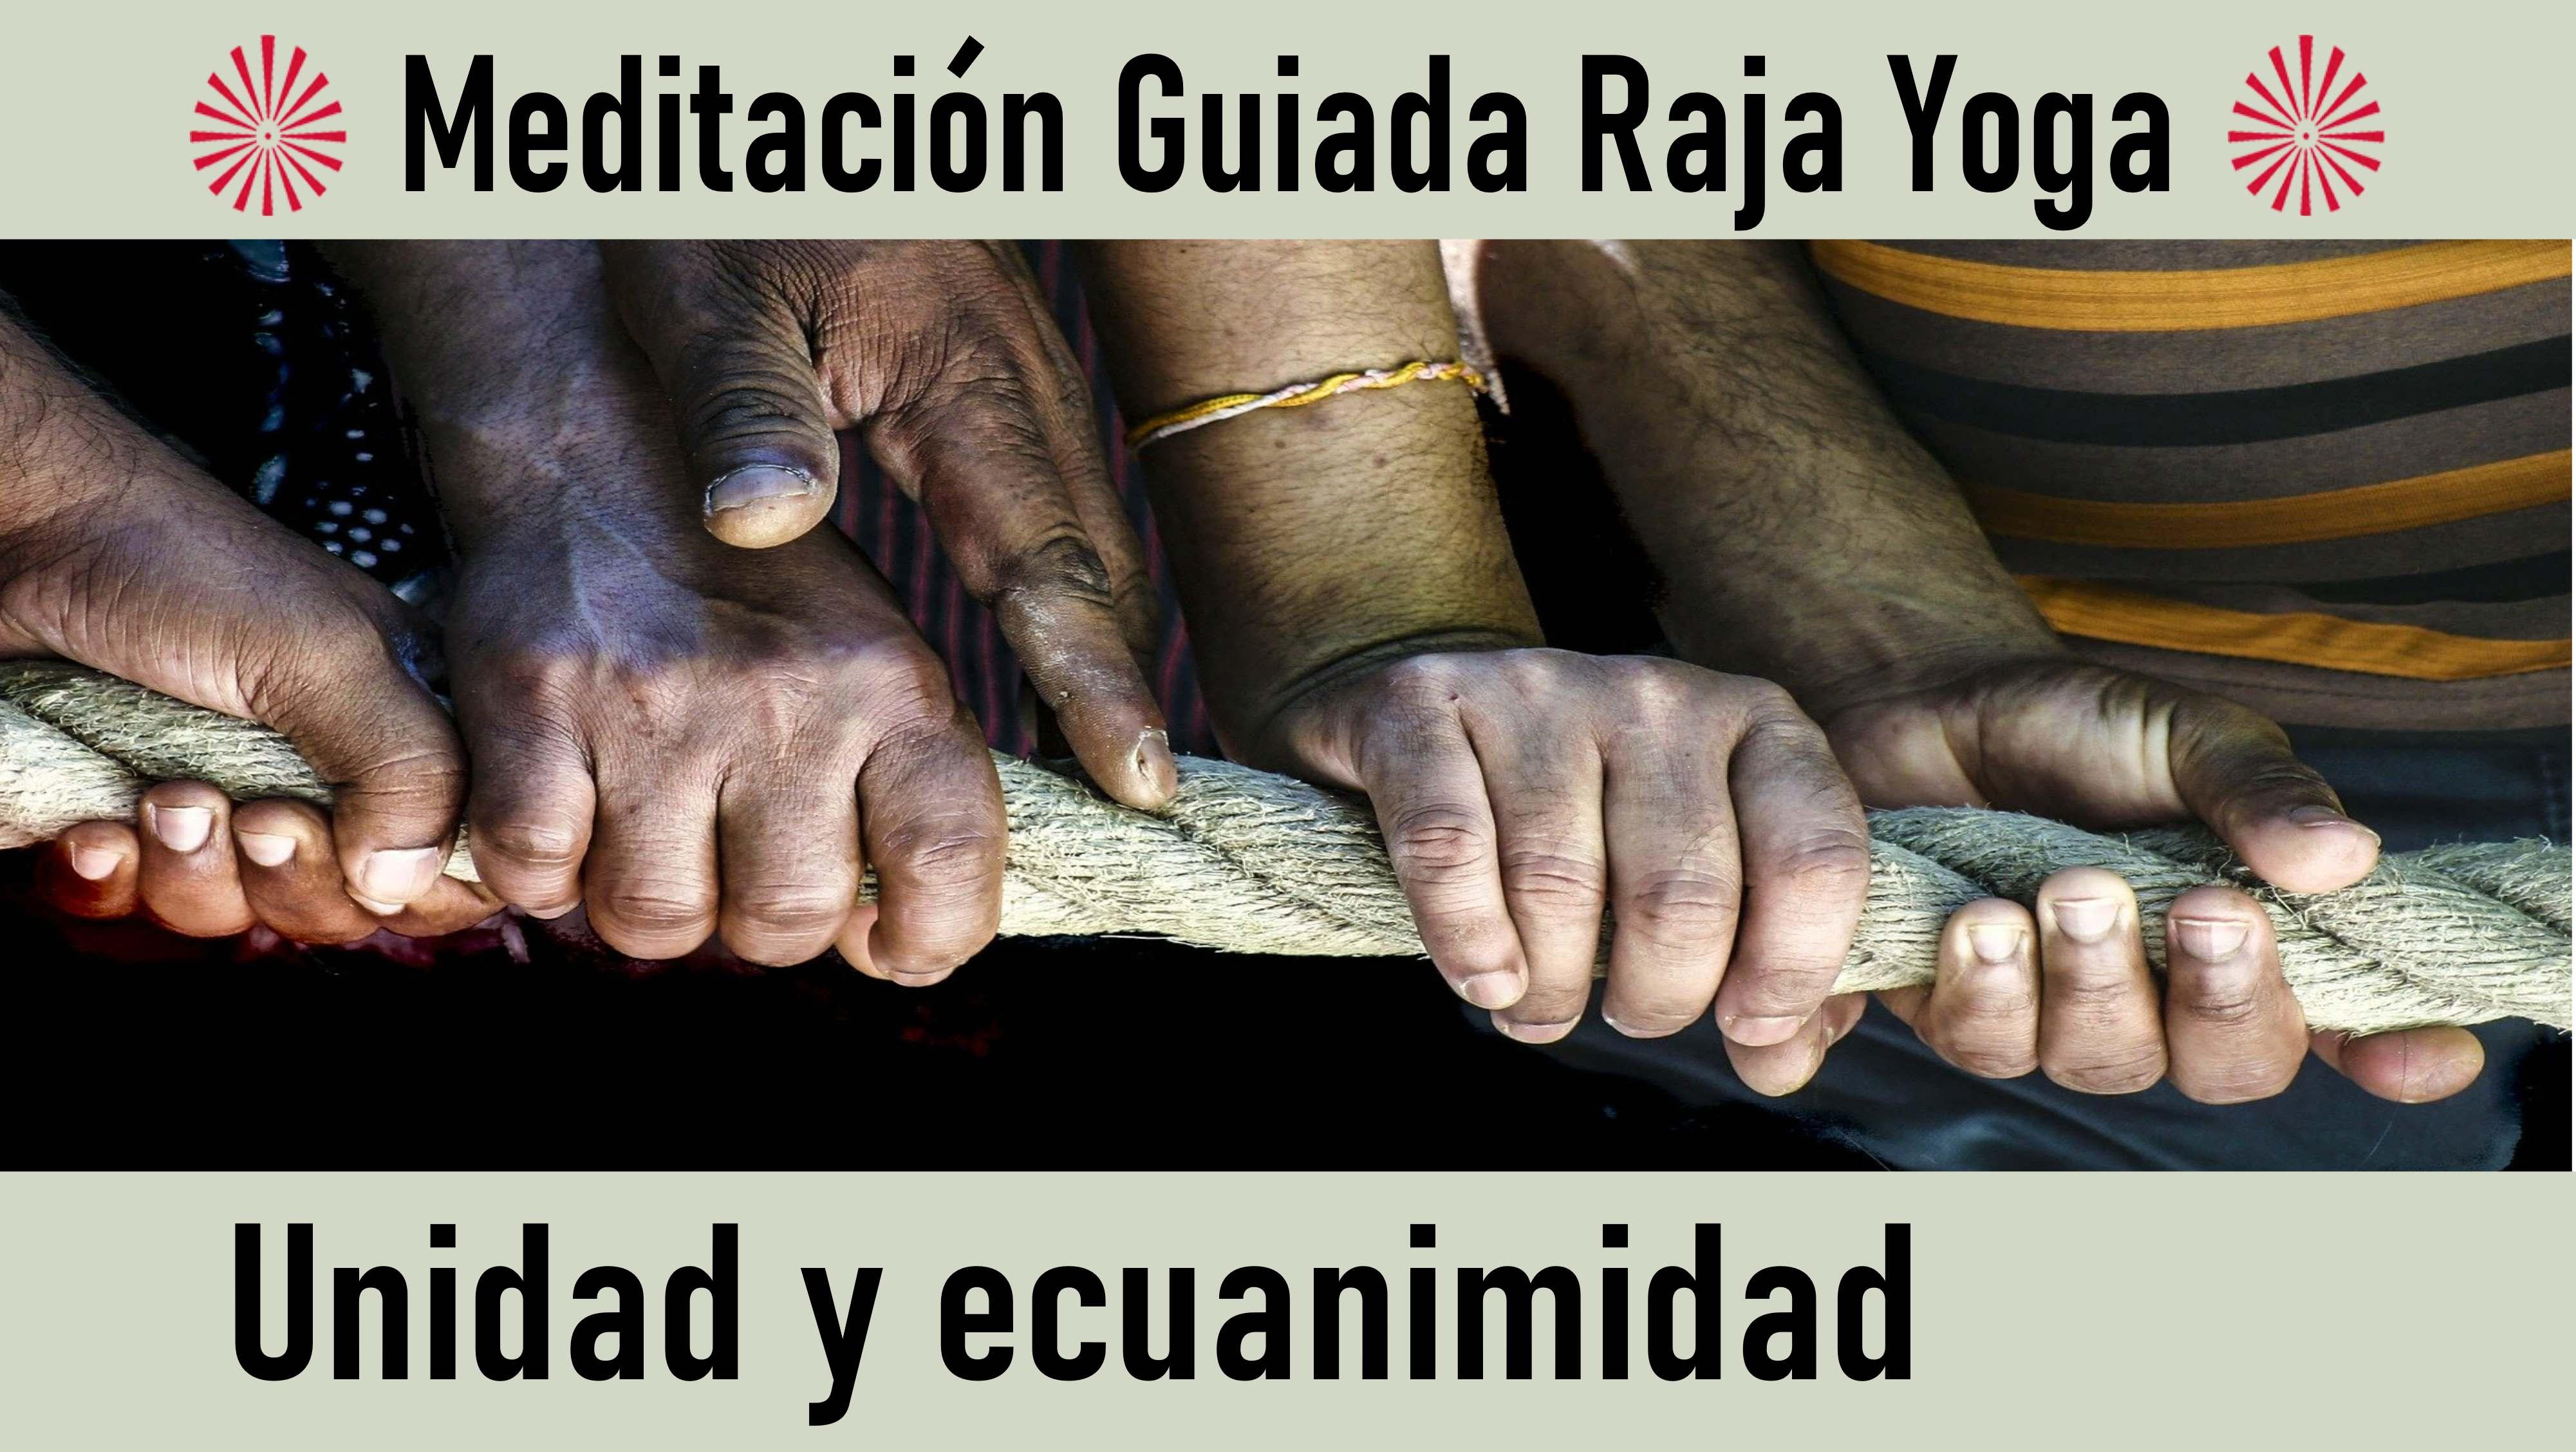 Meditación Raja Yog: Unidad y ecuanimidad (29 Agosto 2020) On-line desde Valencia